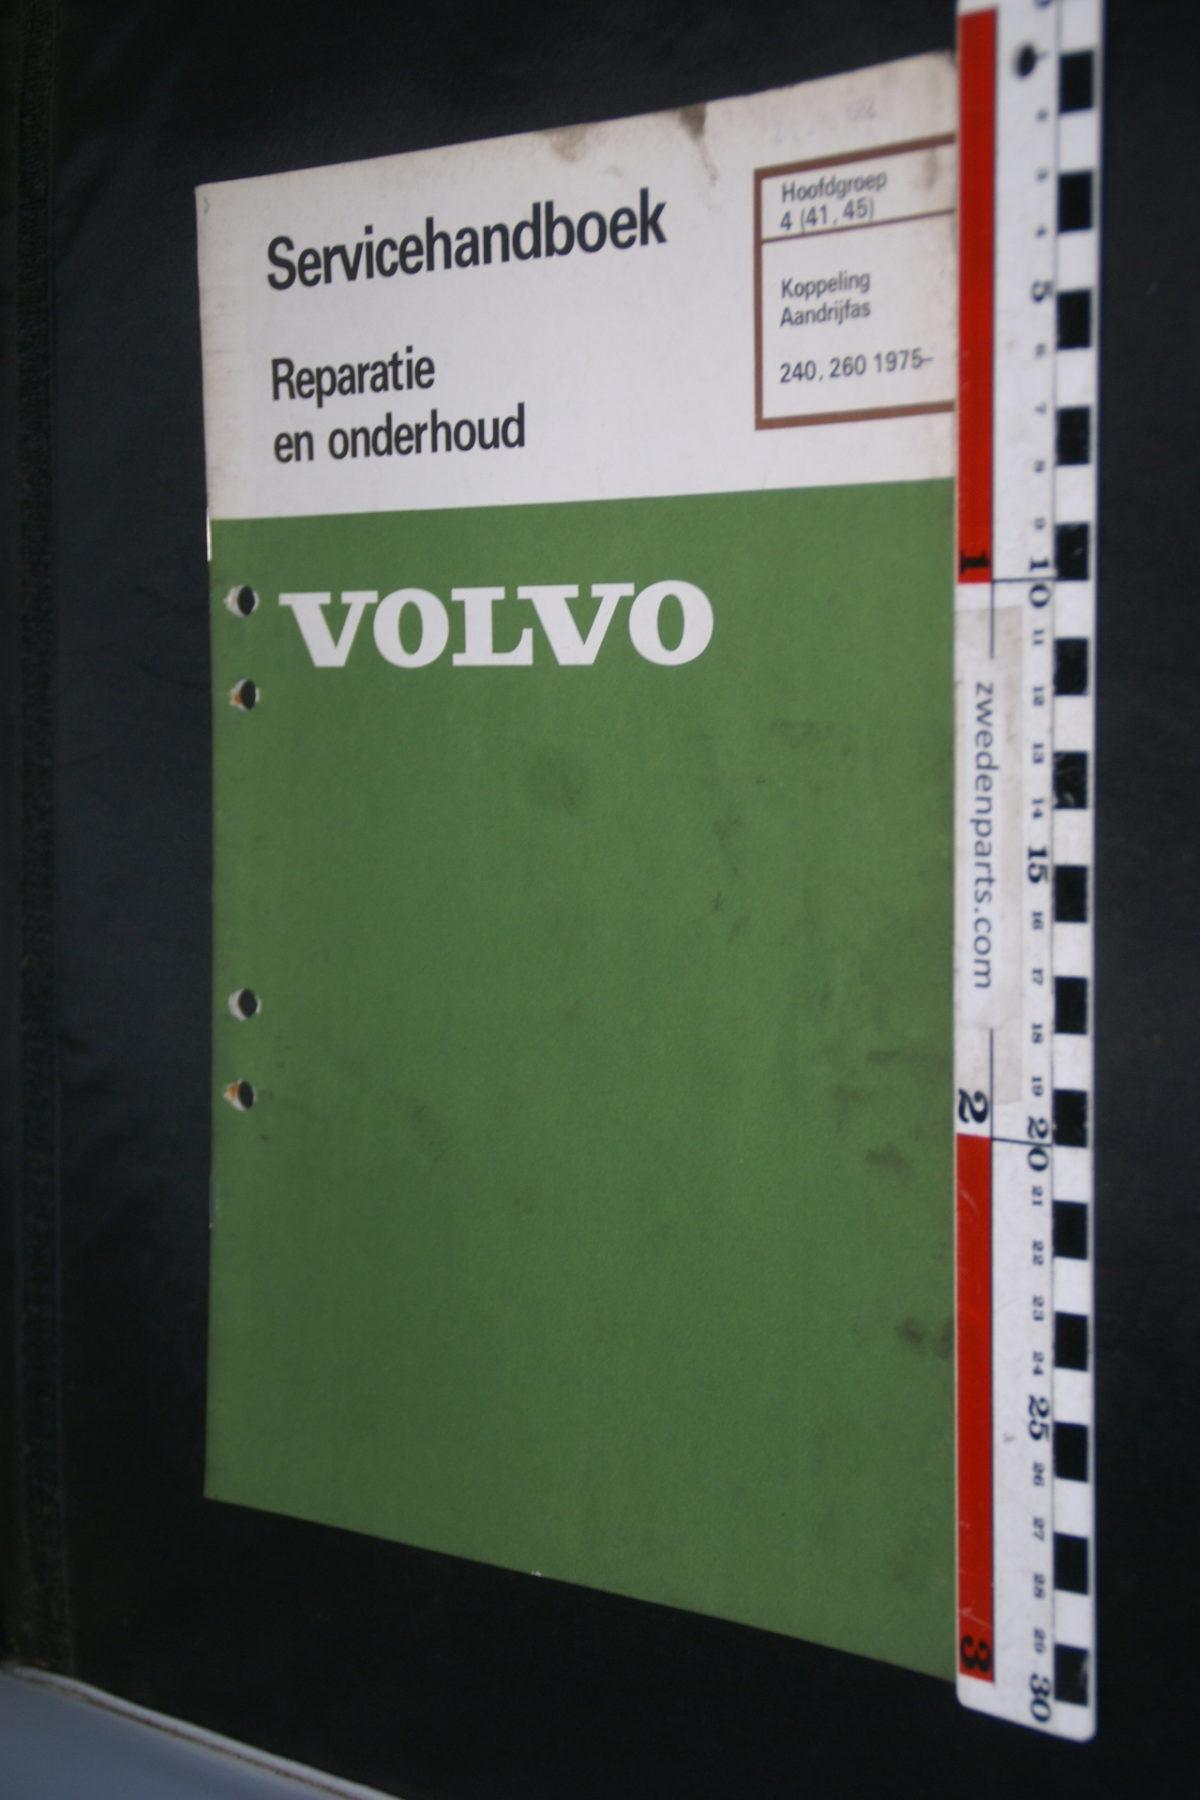 DSC08441 1982 origineel Volvo 240, 260 servicehandboek  4 (41-45) koppeling, aandrijfas 1 van 800 TP 30444-1